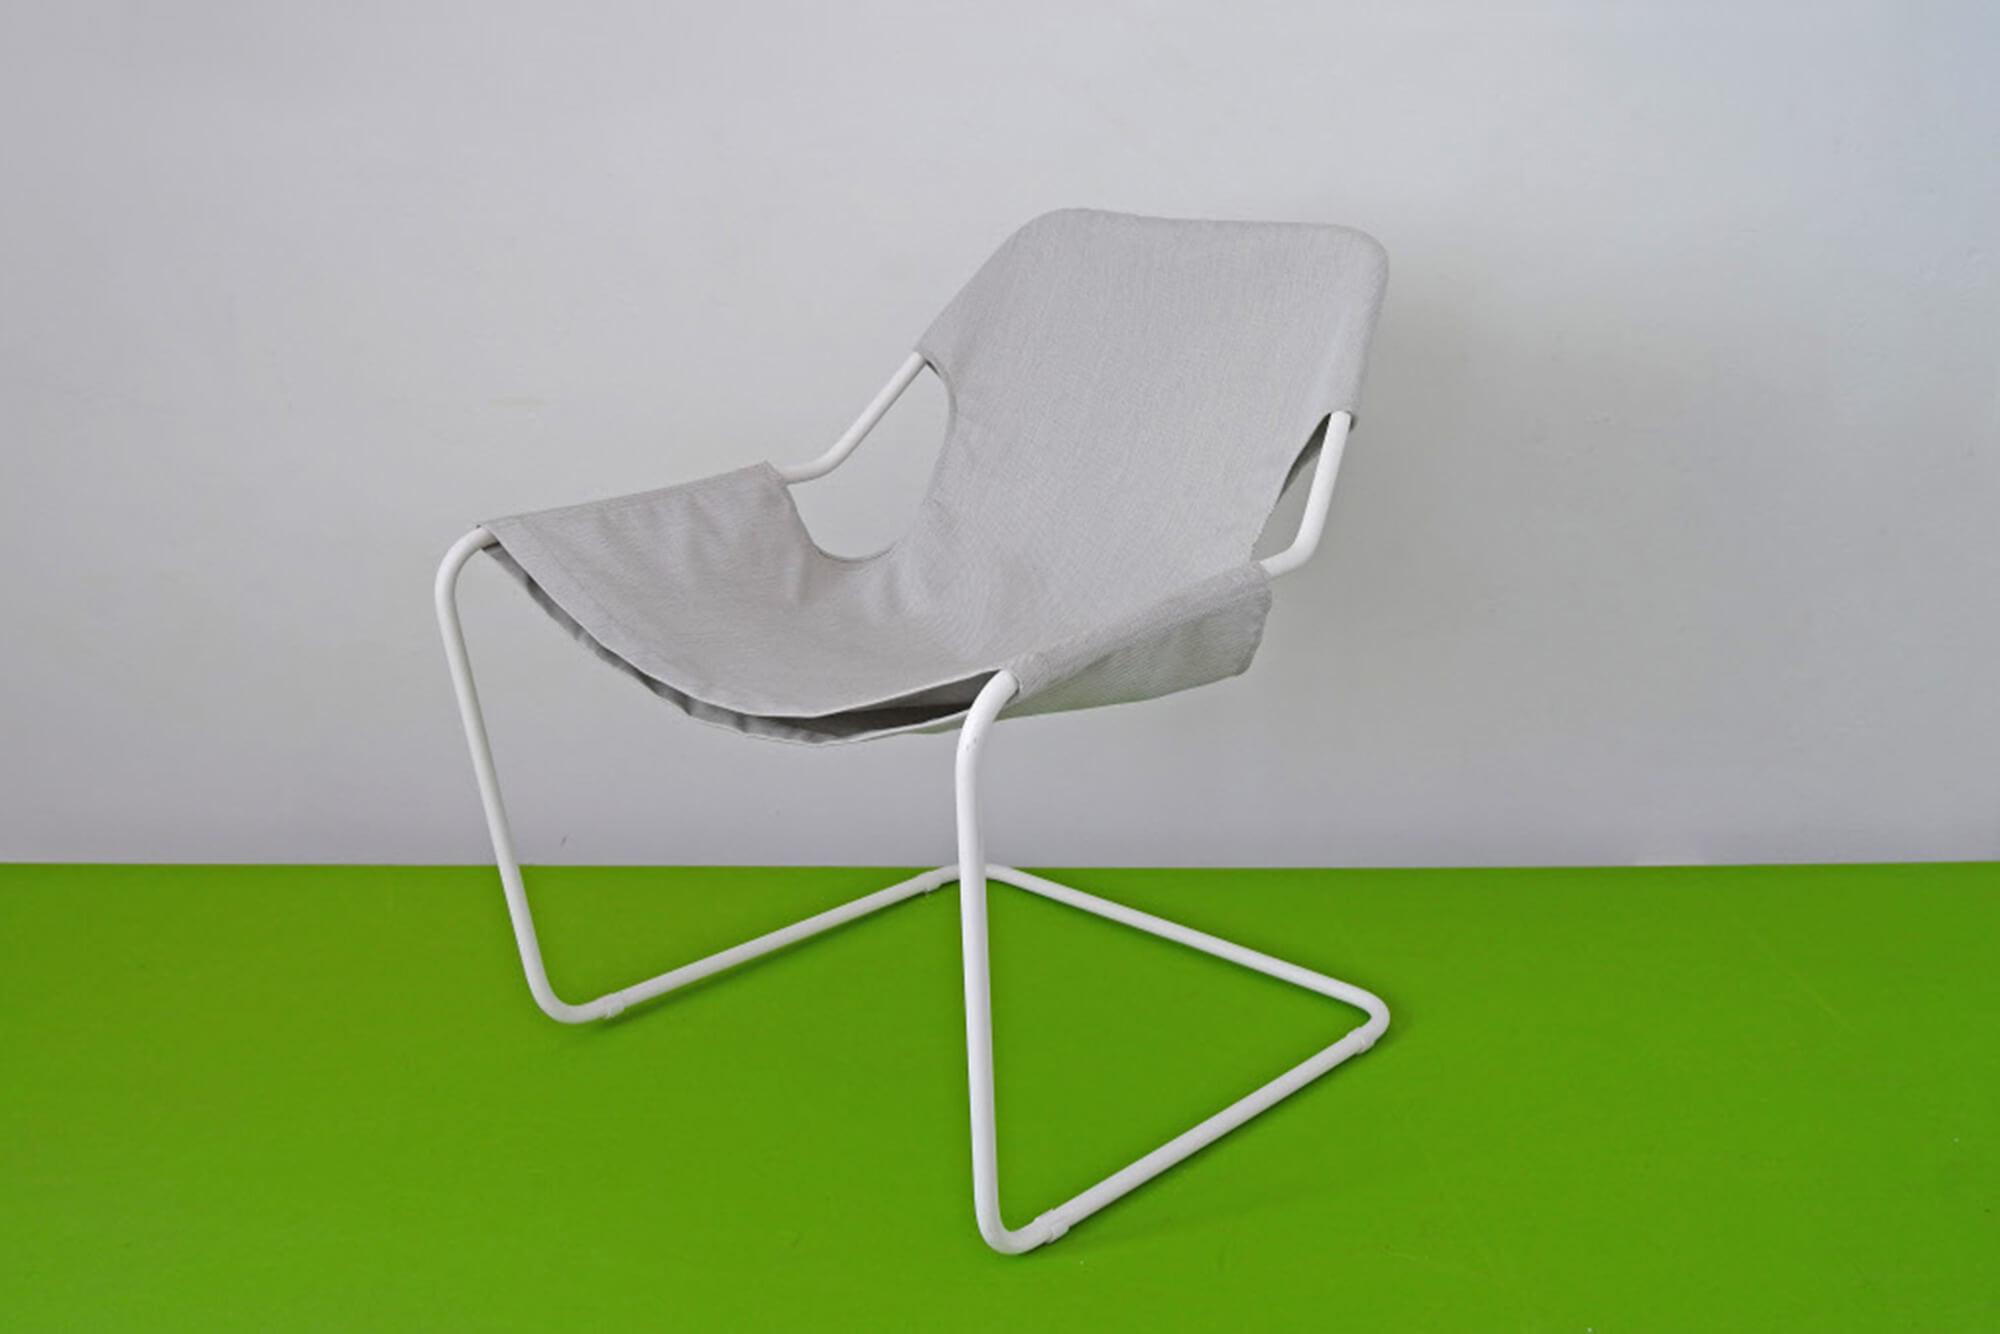 Uma cadeira com tecidos Sunbrella cinza e corpo de metal branco